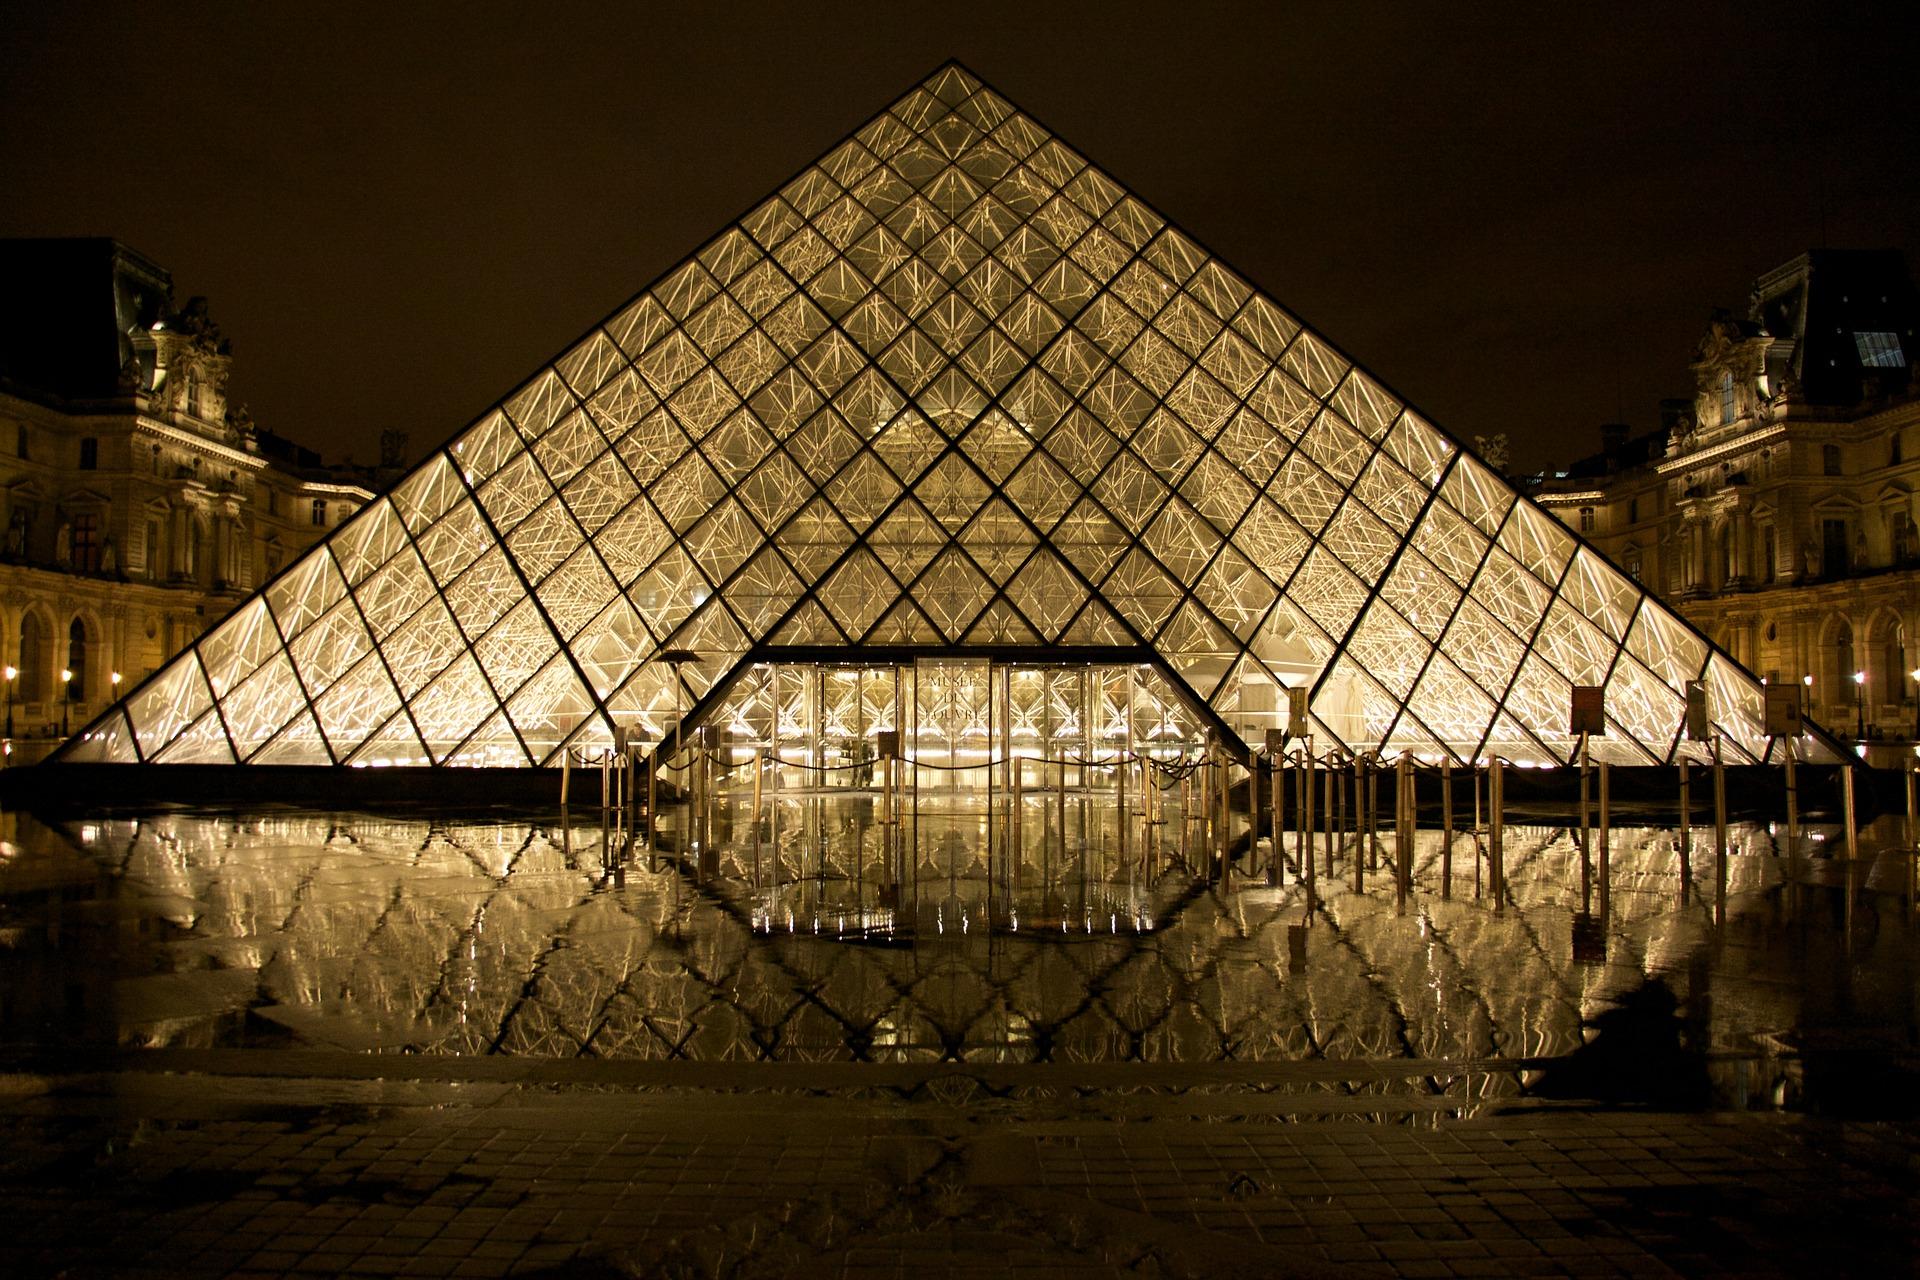 博物館, ルーブル美術館, パリ, フランス, ピラミッド - HD の壁紙 - 教授-falken.com